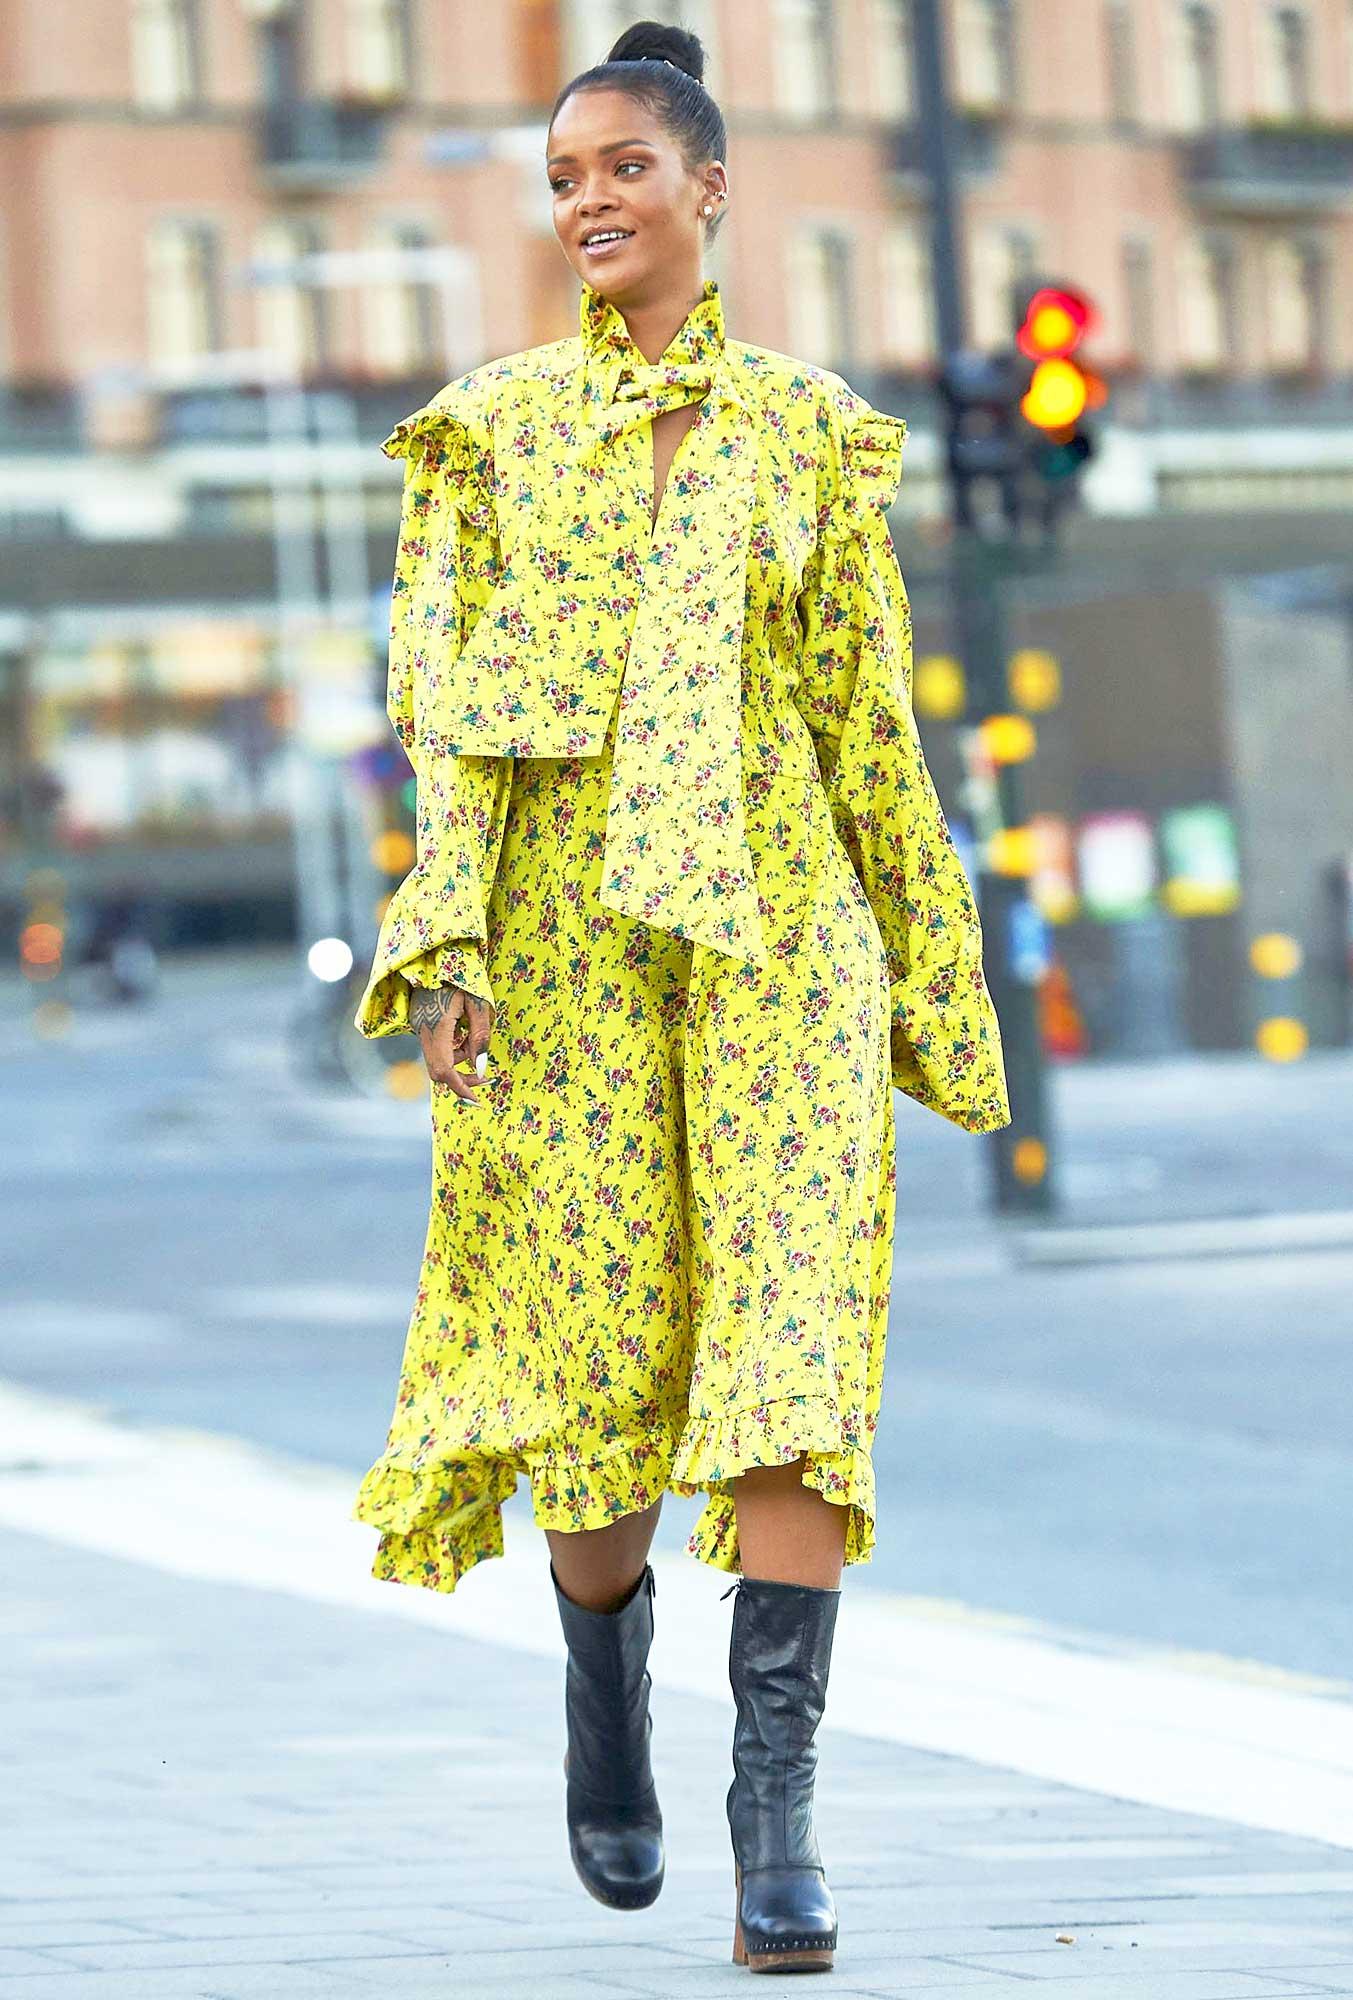 Mặc đẹp cho dáng người quả lê như Rihanna với đầm in hoa màu vàng